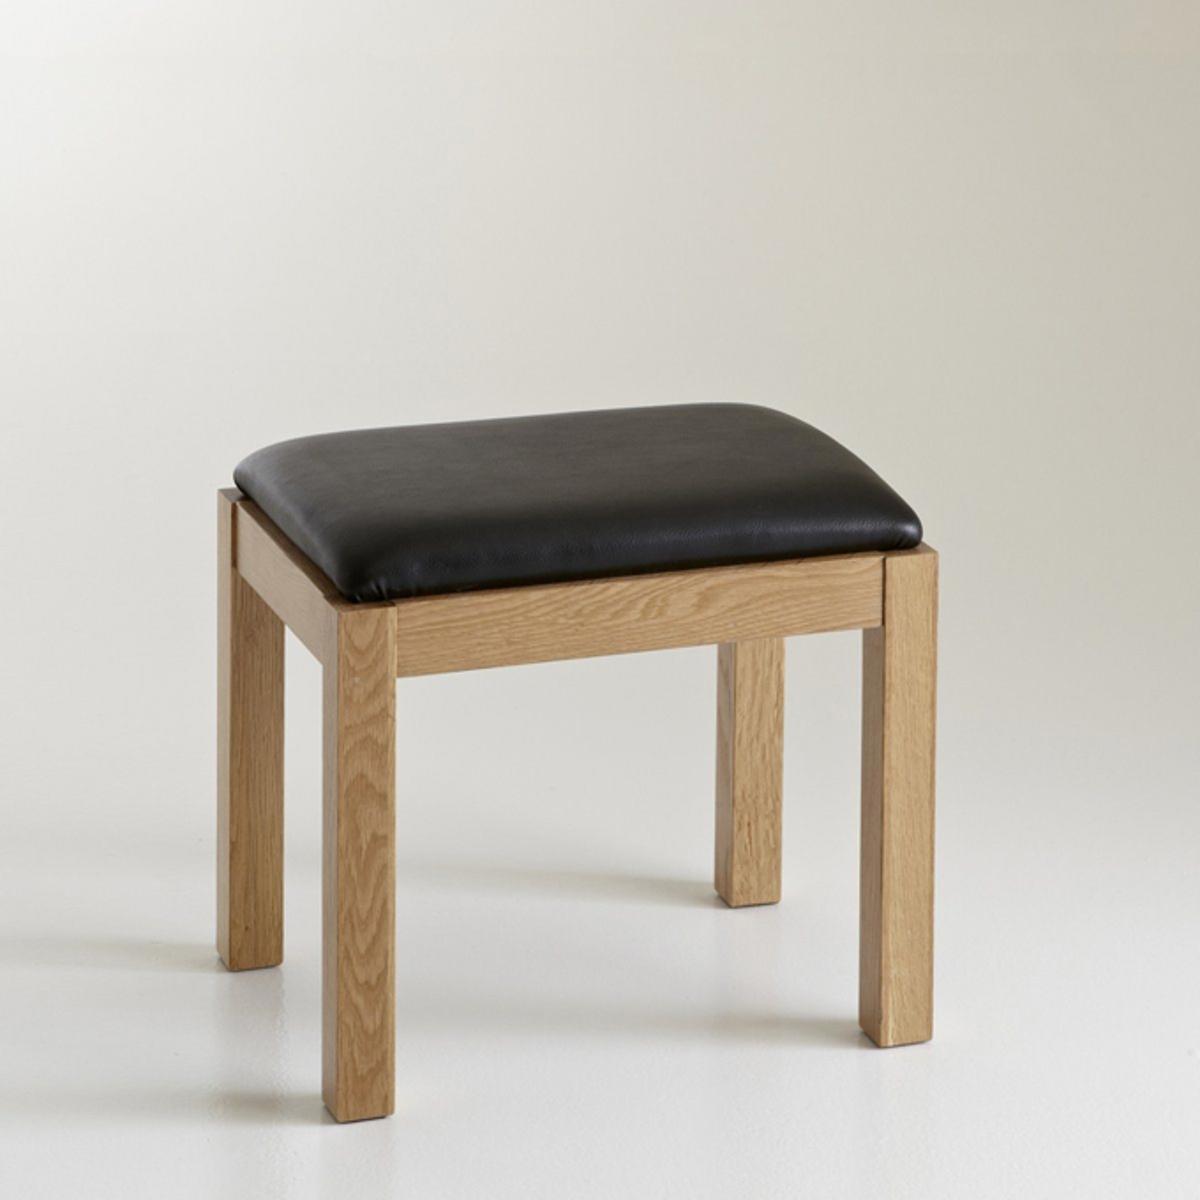 Табурет Watford столик из массива дуба ariles